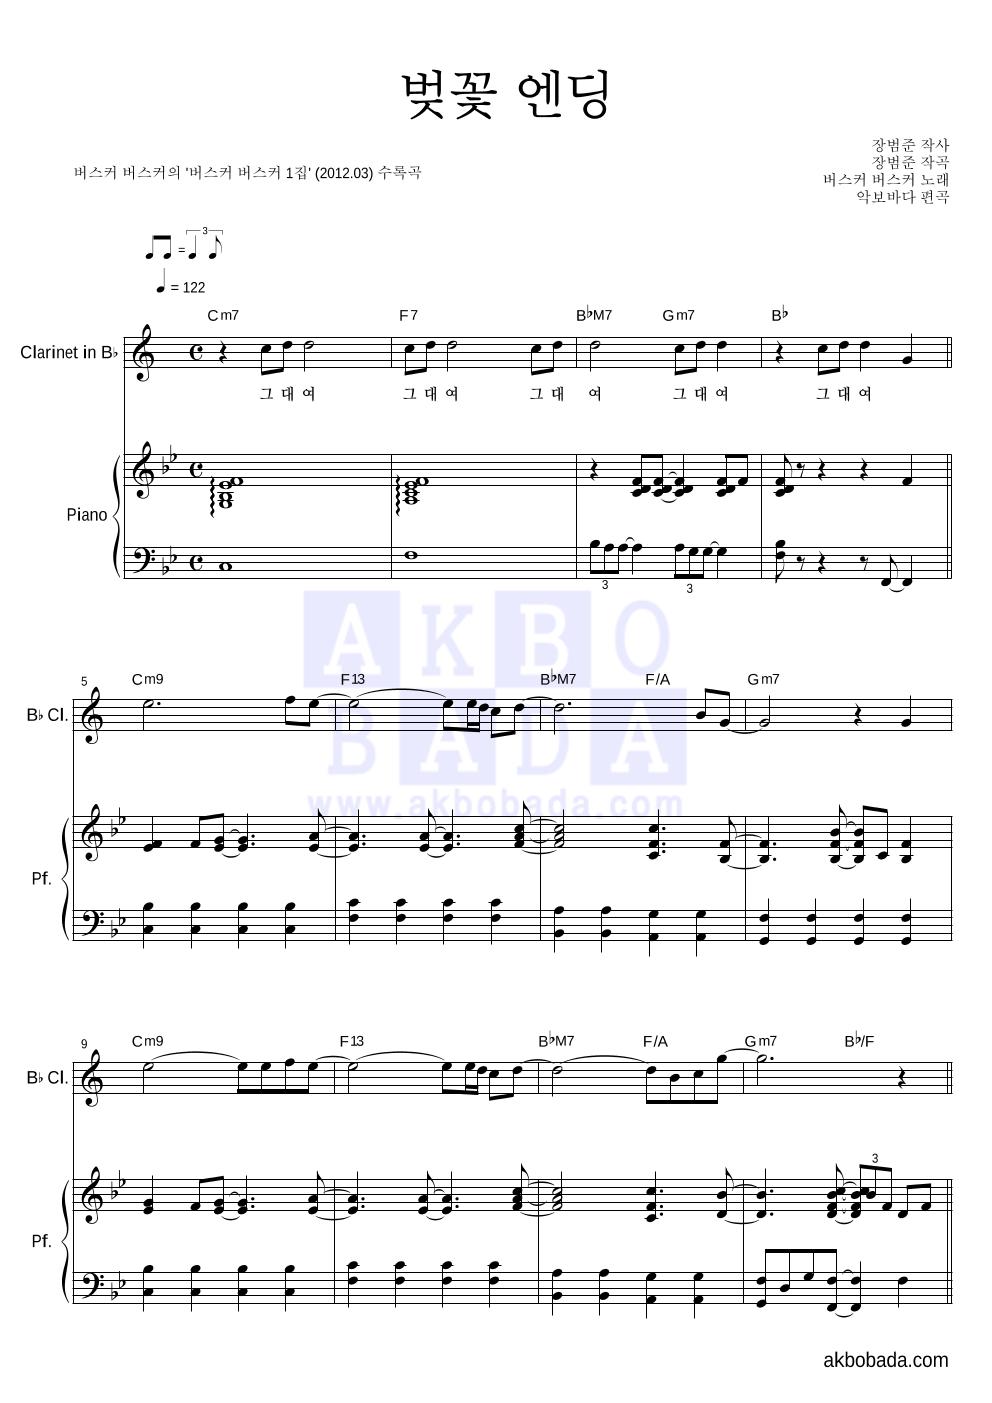 버스커 버스커 - 벚꽃 엔딩 클라리넷&피아노 악보